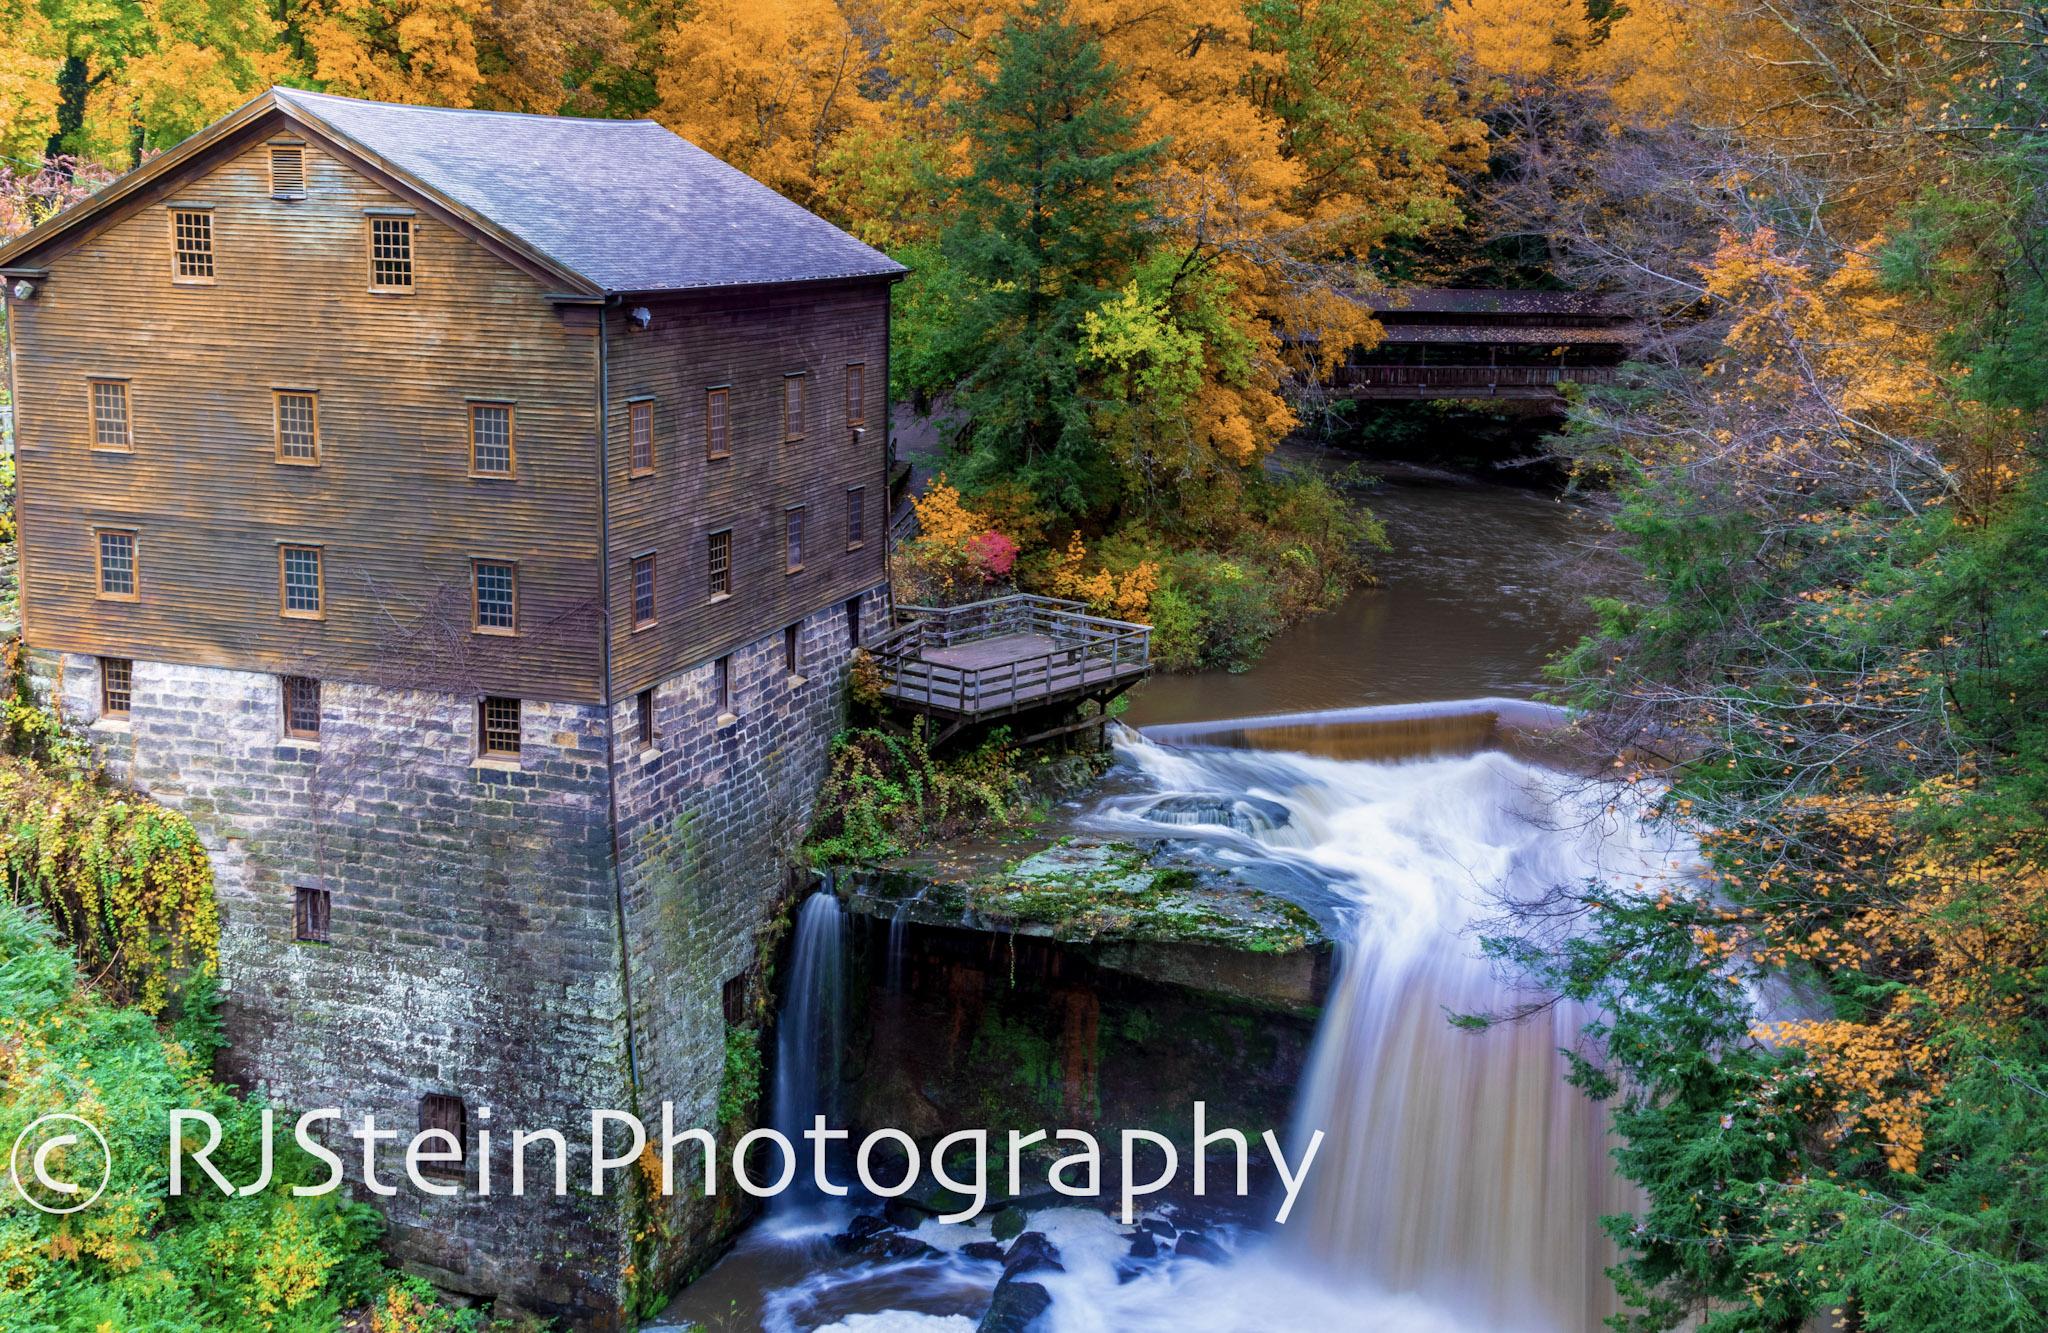 lanterman's mill in fall, ohio, 2018